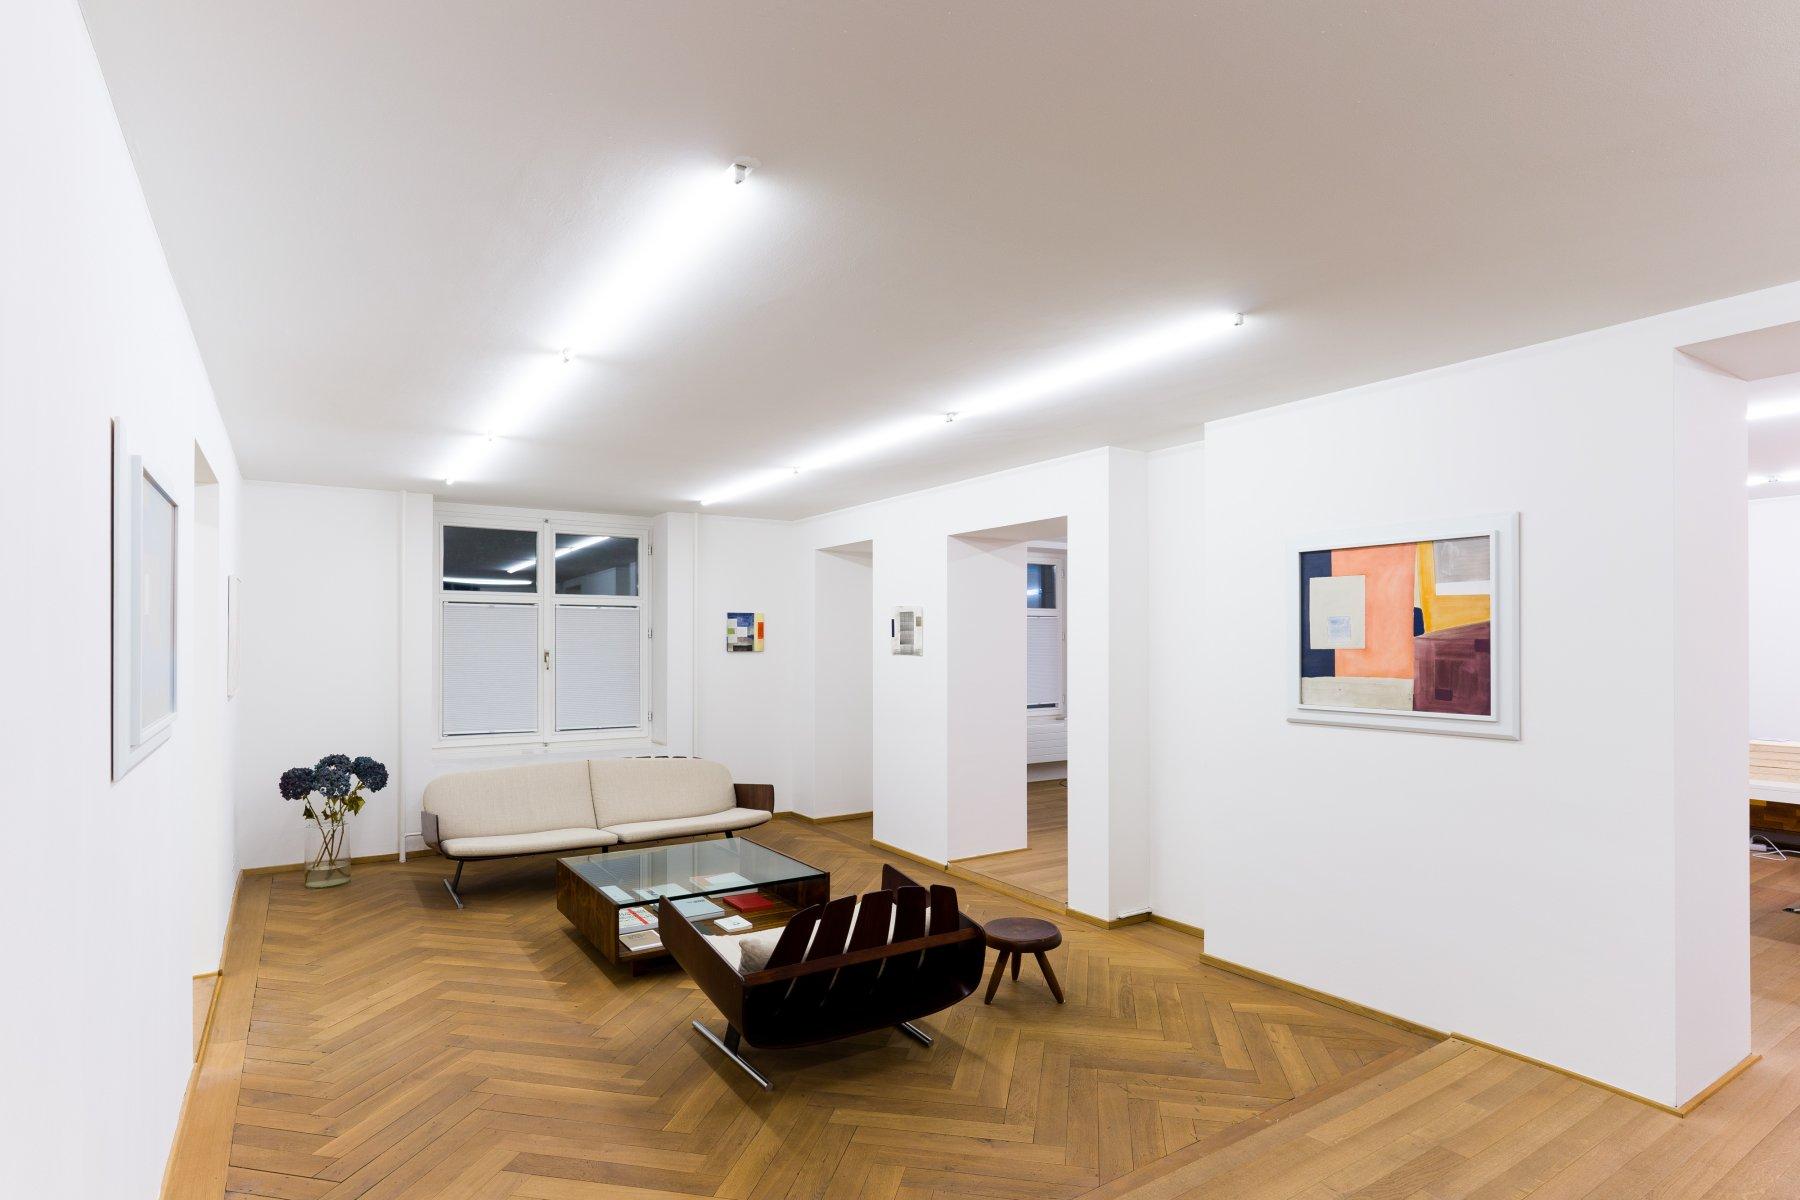 Mai 36 Galerie Ernst Caramelle Jorge Mendez Blake Christoph Rutimann 1